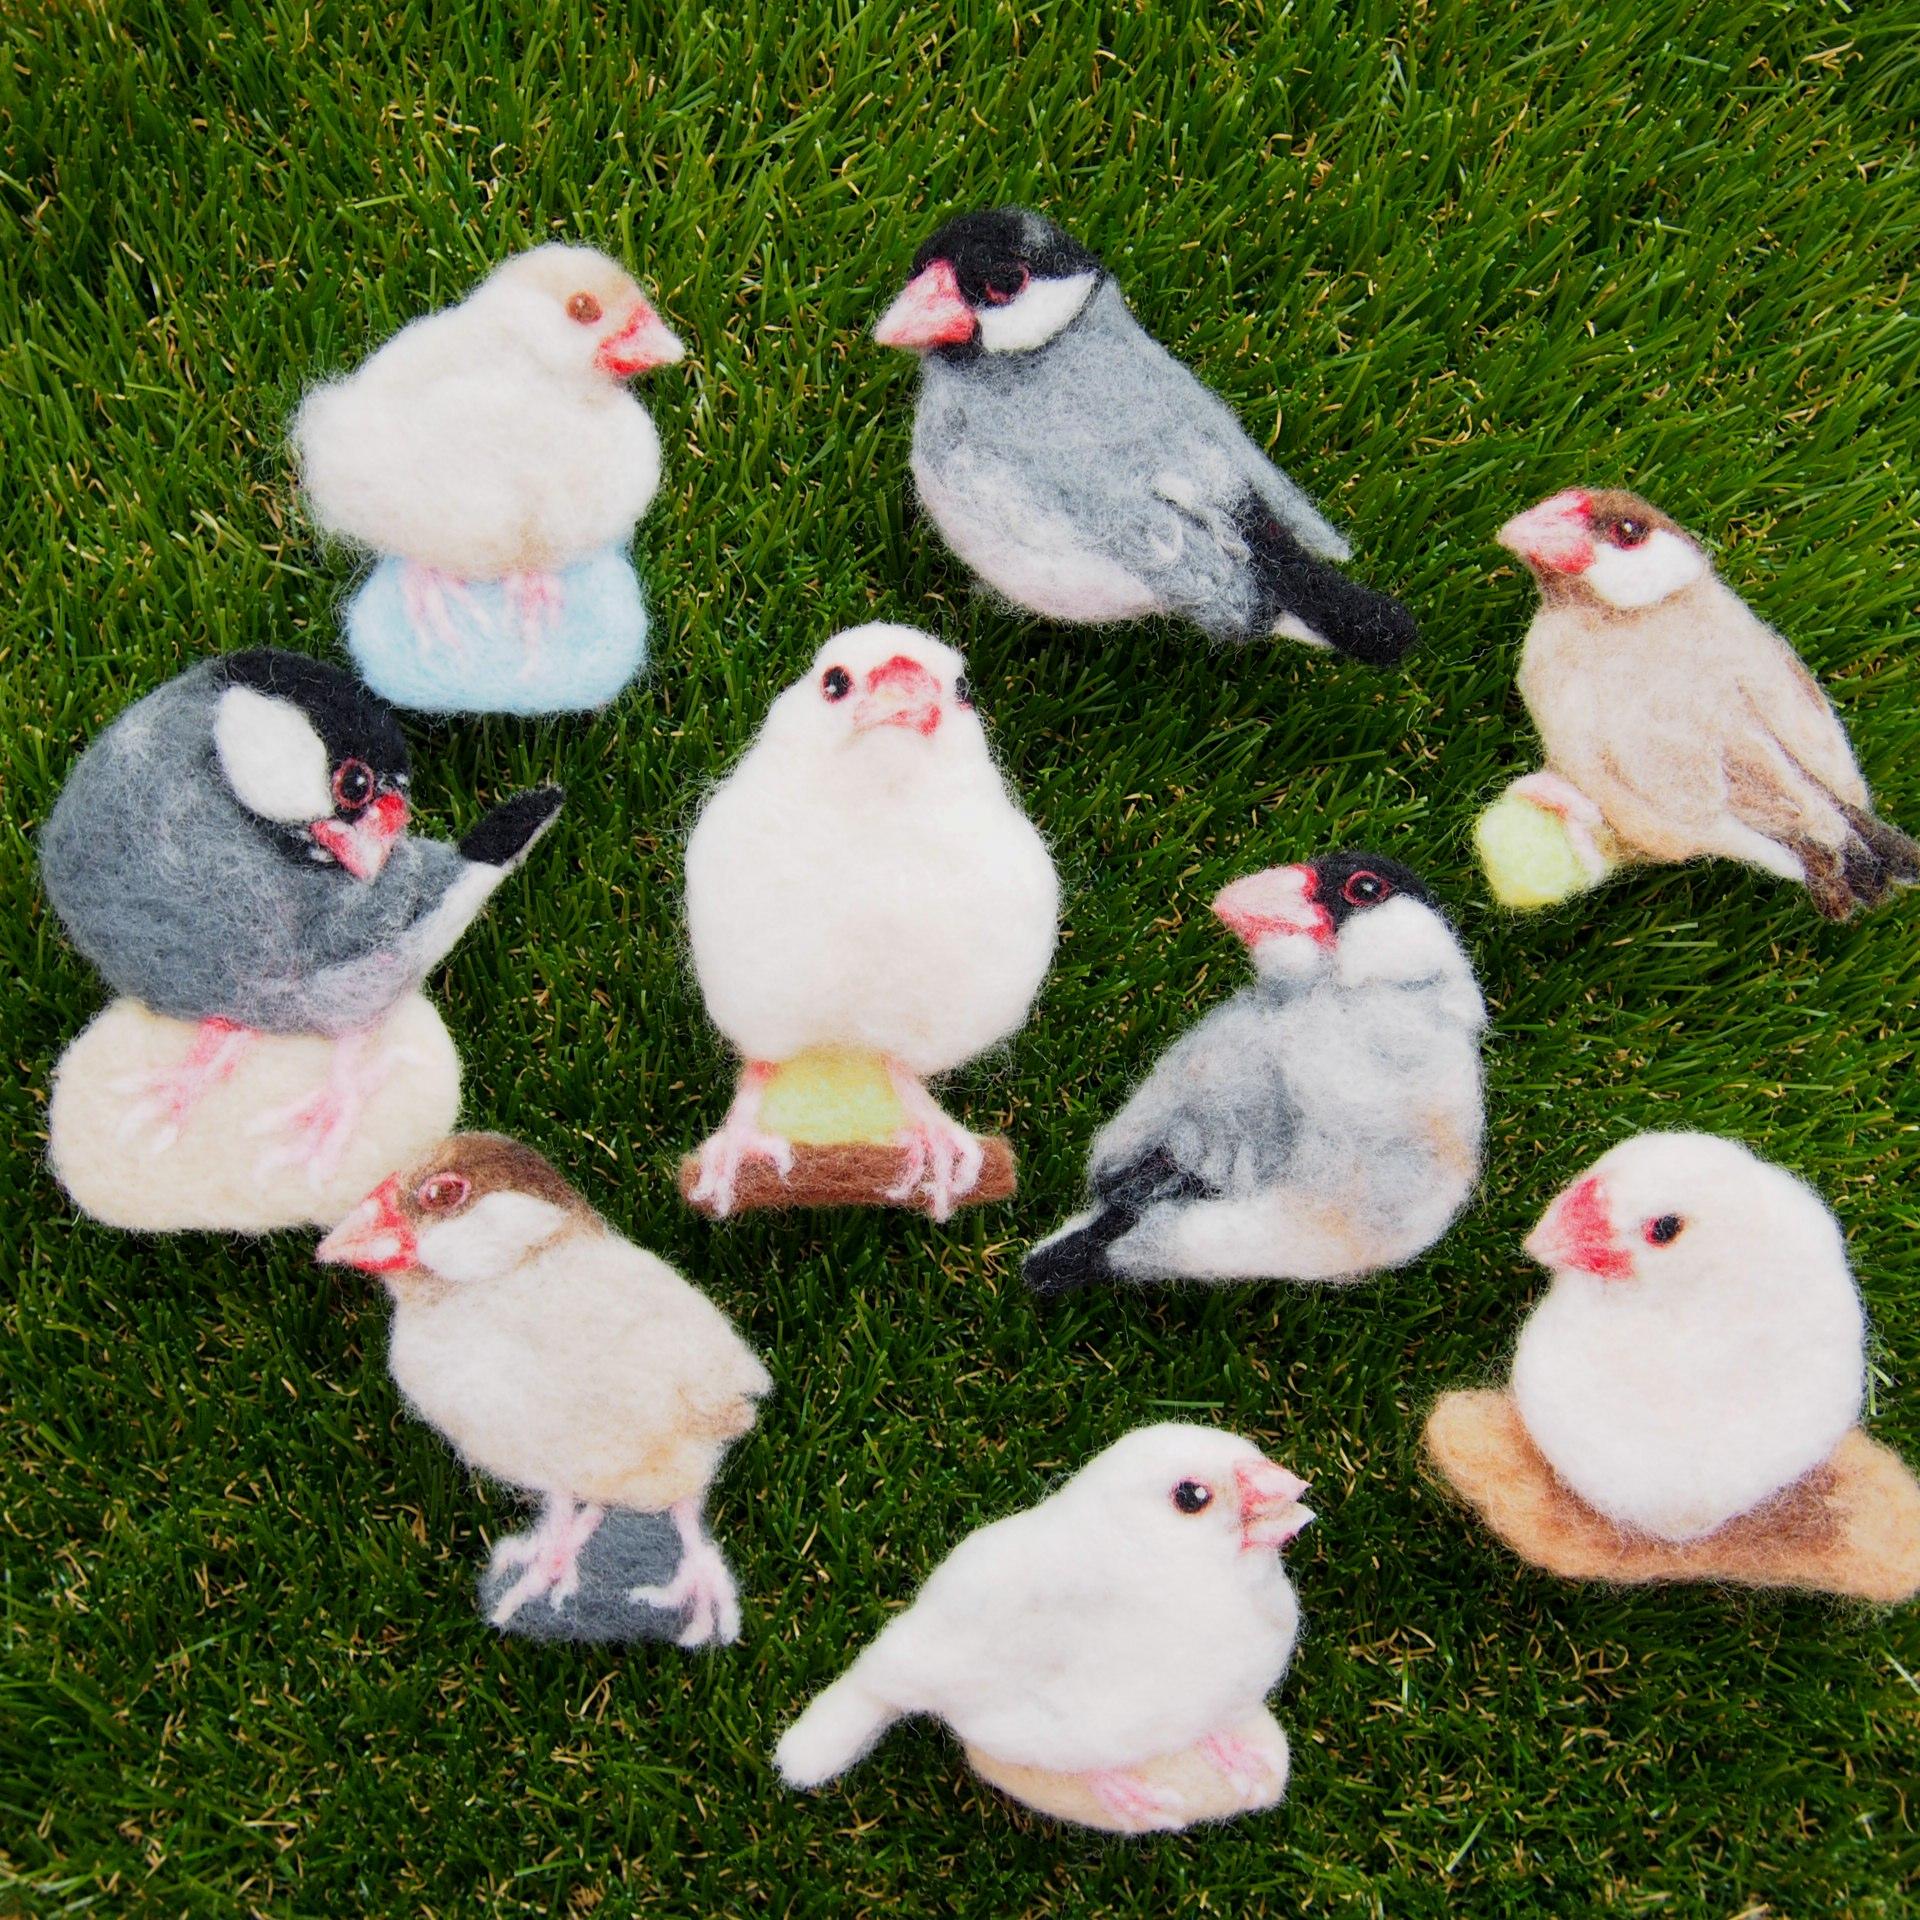 ブローチ風羊毛フェルト絵の文鳥